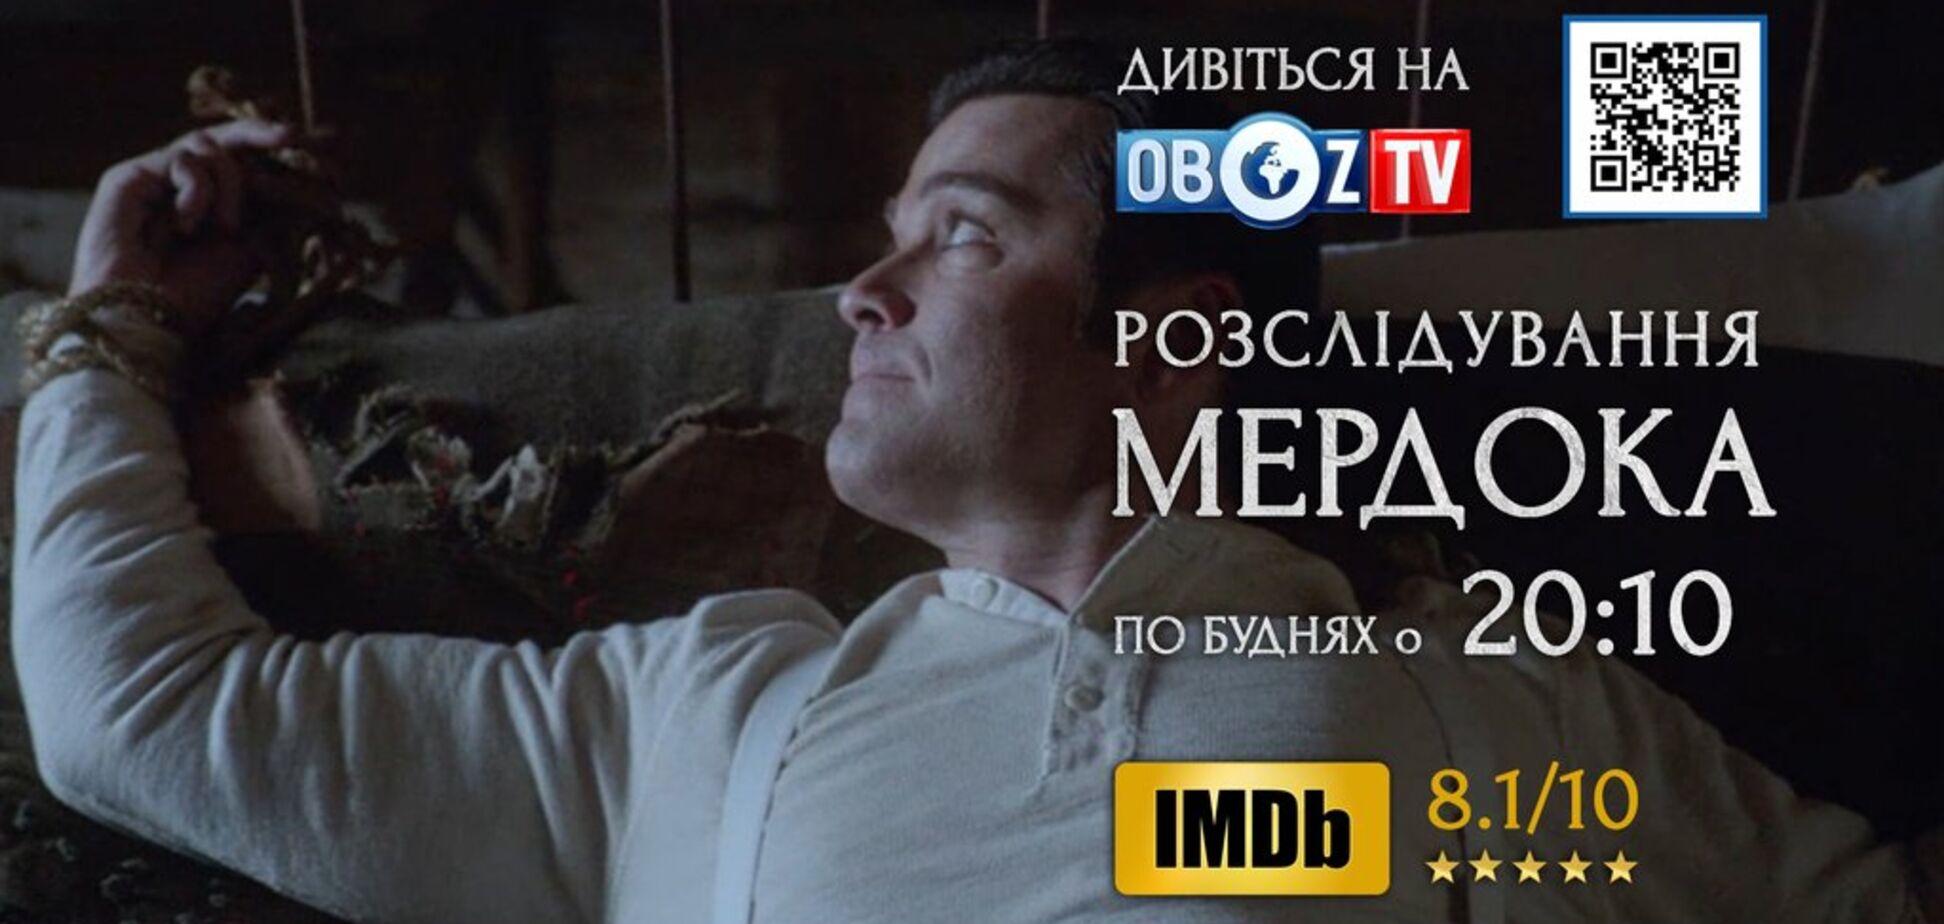 Смотрите на ObozTV сериал 'Расследование Мердока' – серия 'Прохожий стрелок'